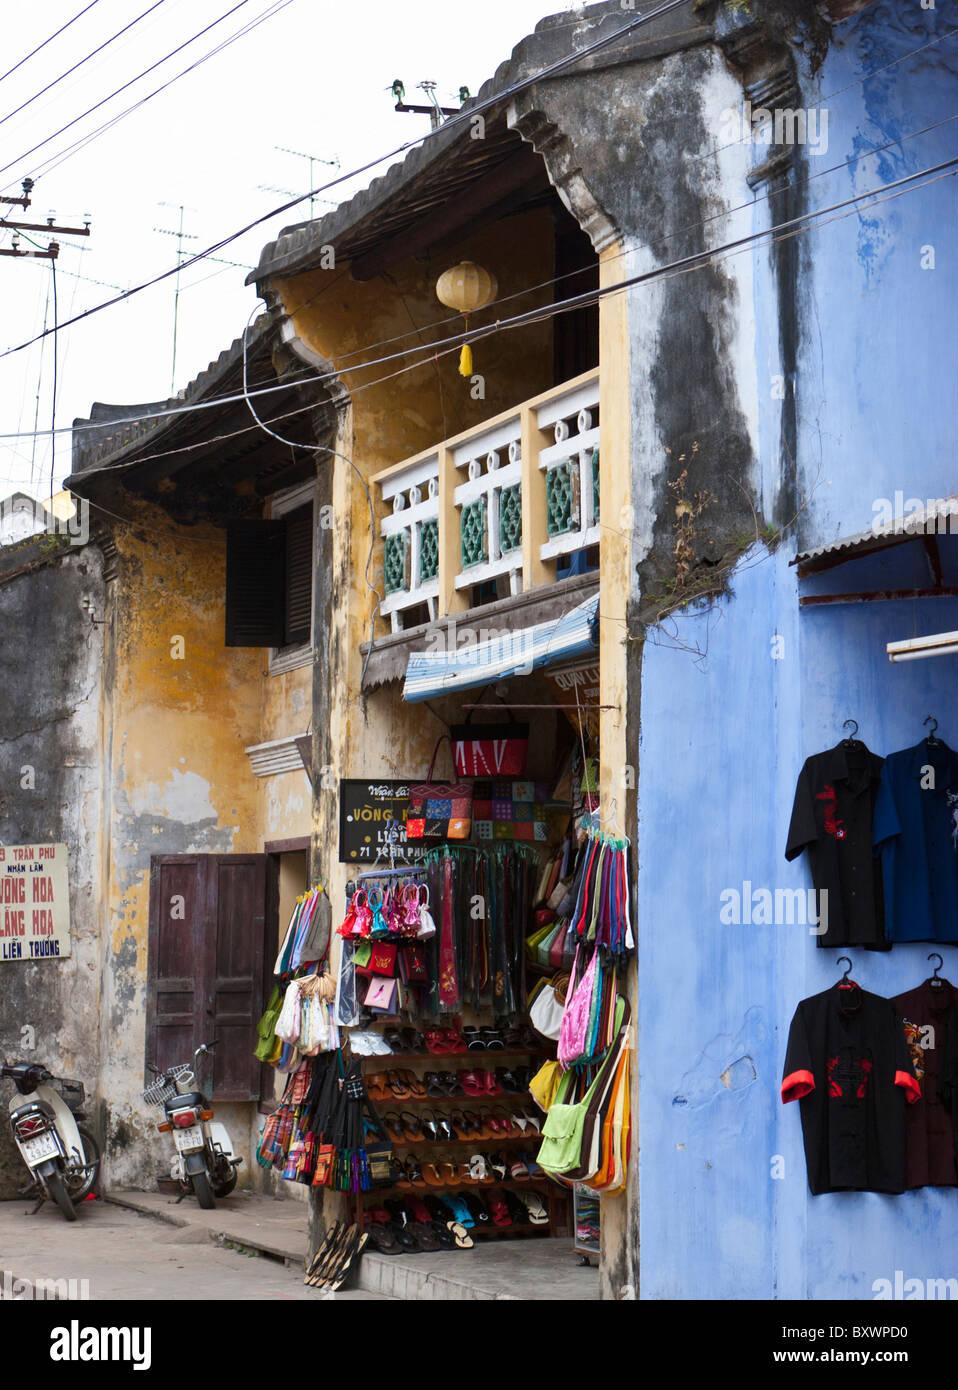 Shop fronts, Hoi An, Vietnam - Stock Image